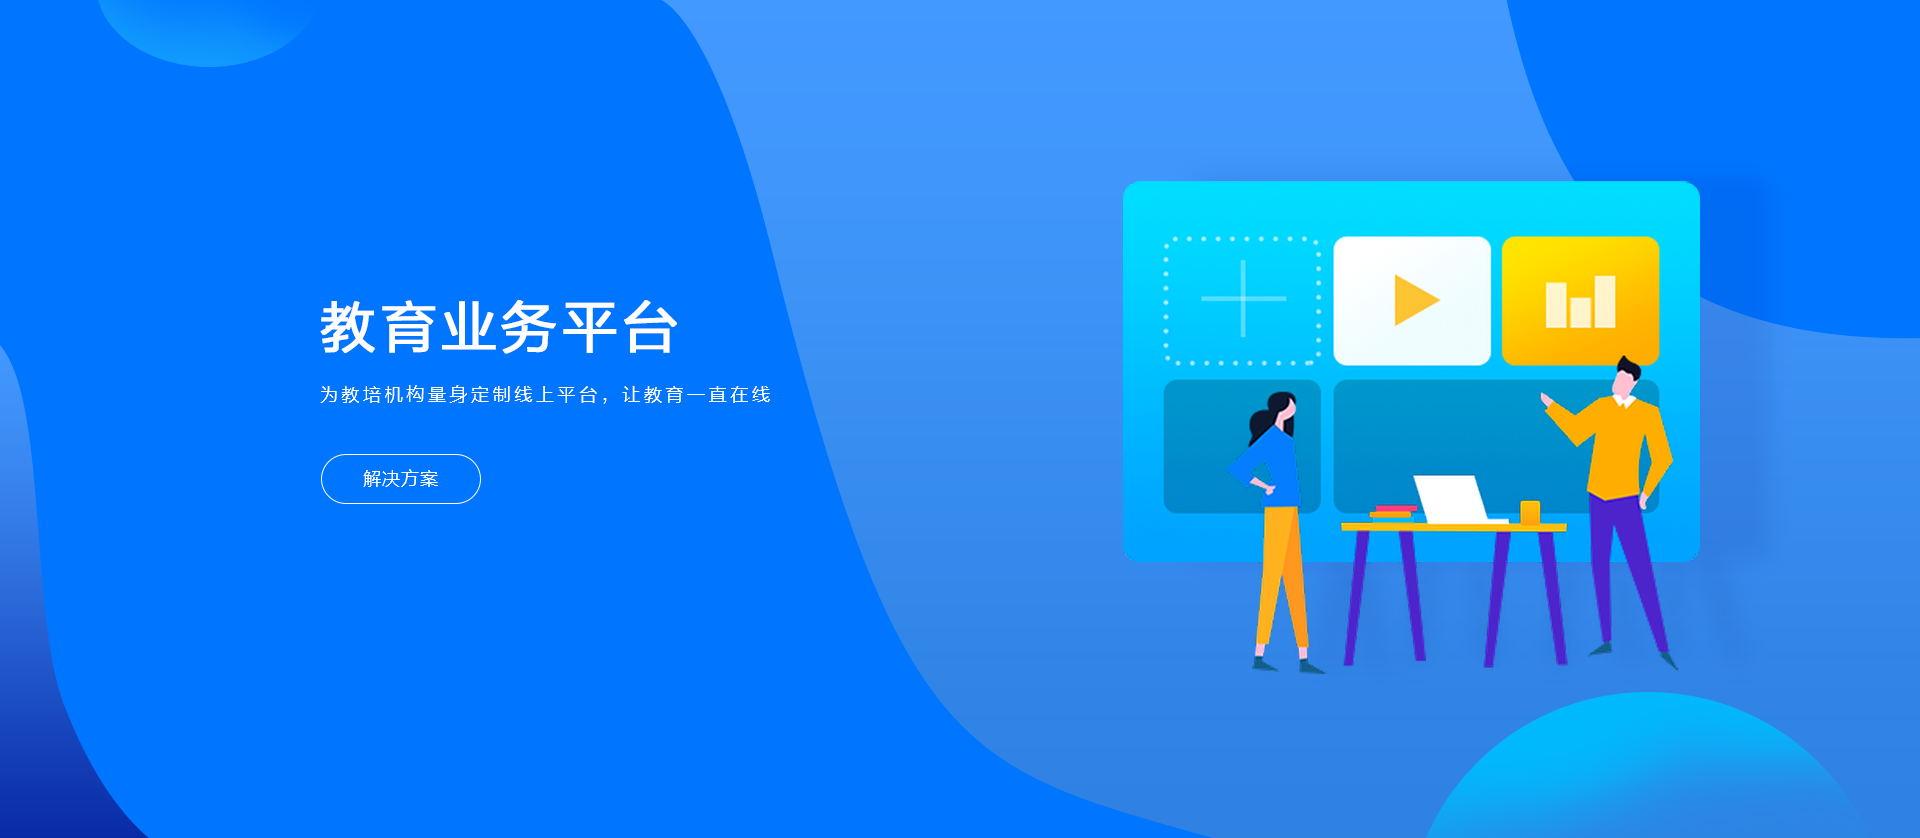 教育行业软件下载头头平台方案